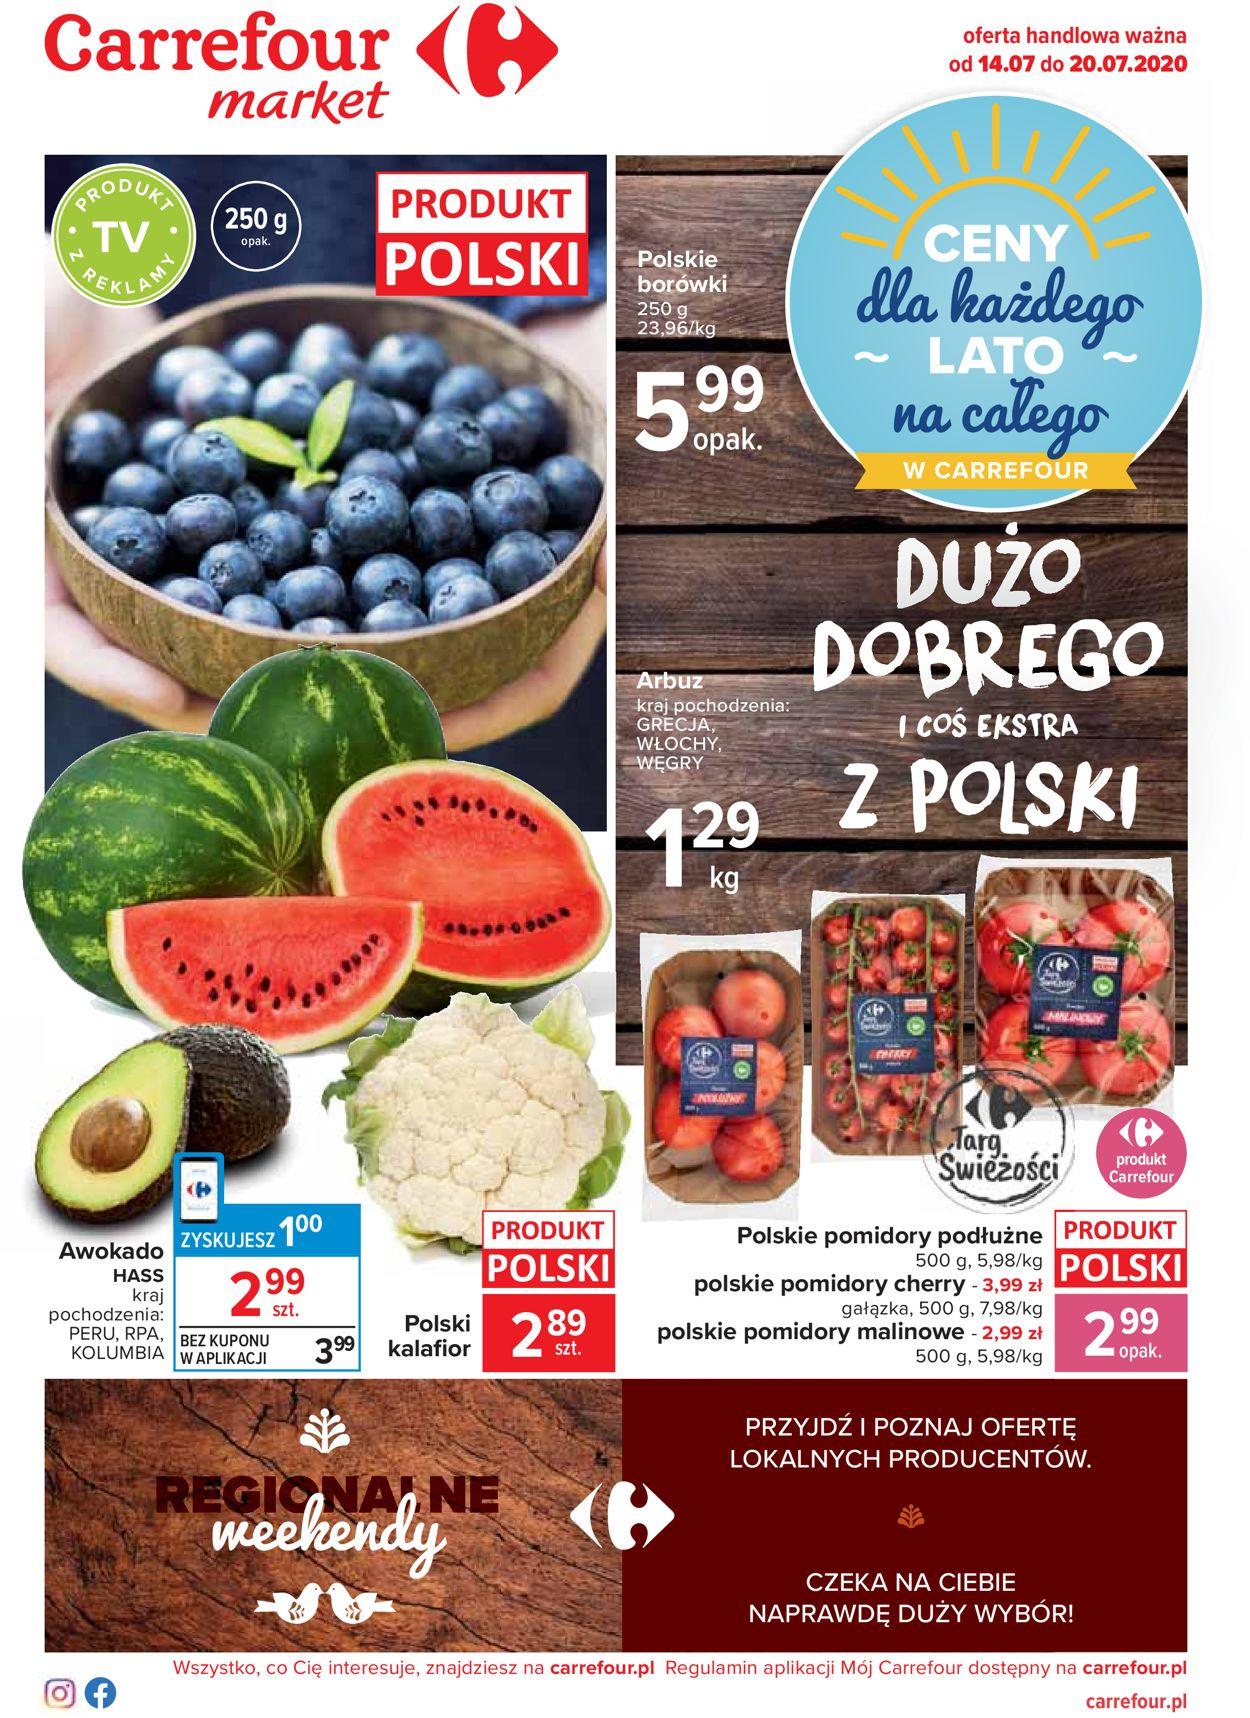 Gazetka promocyjna Carrefour Market - 14.07-20.07.2020